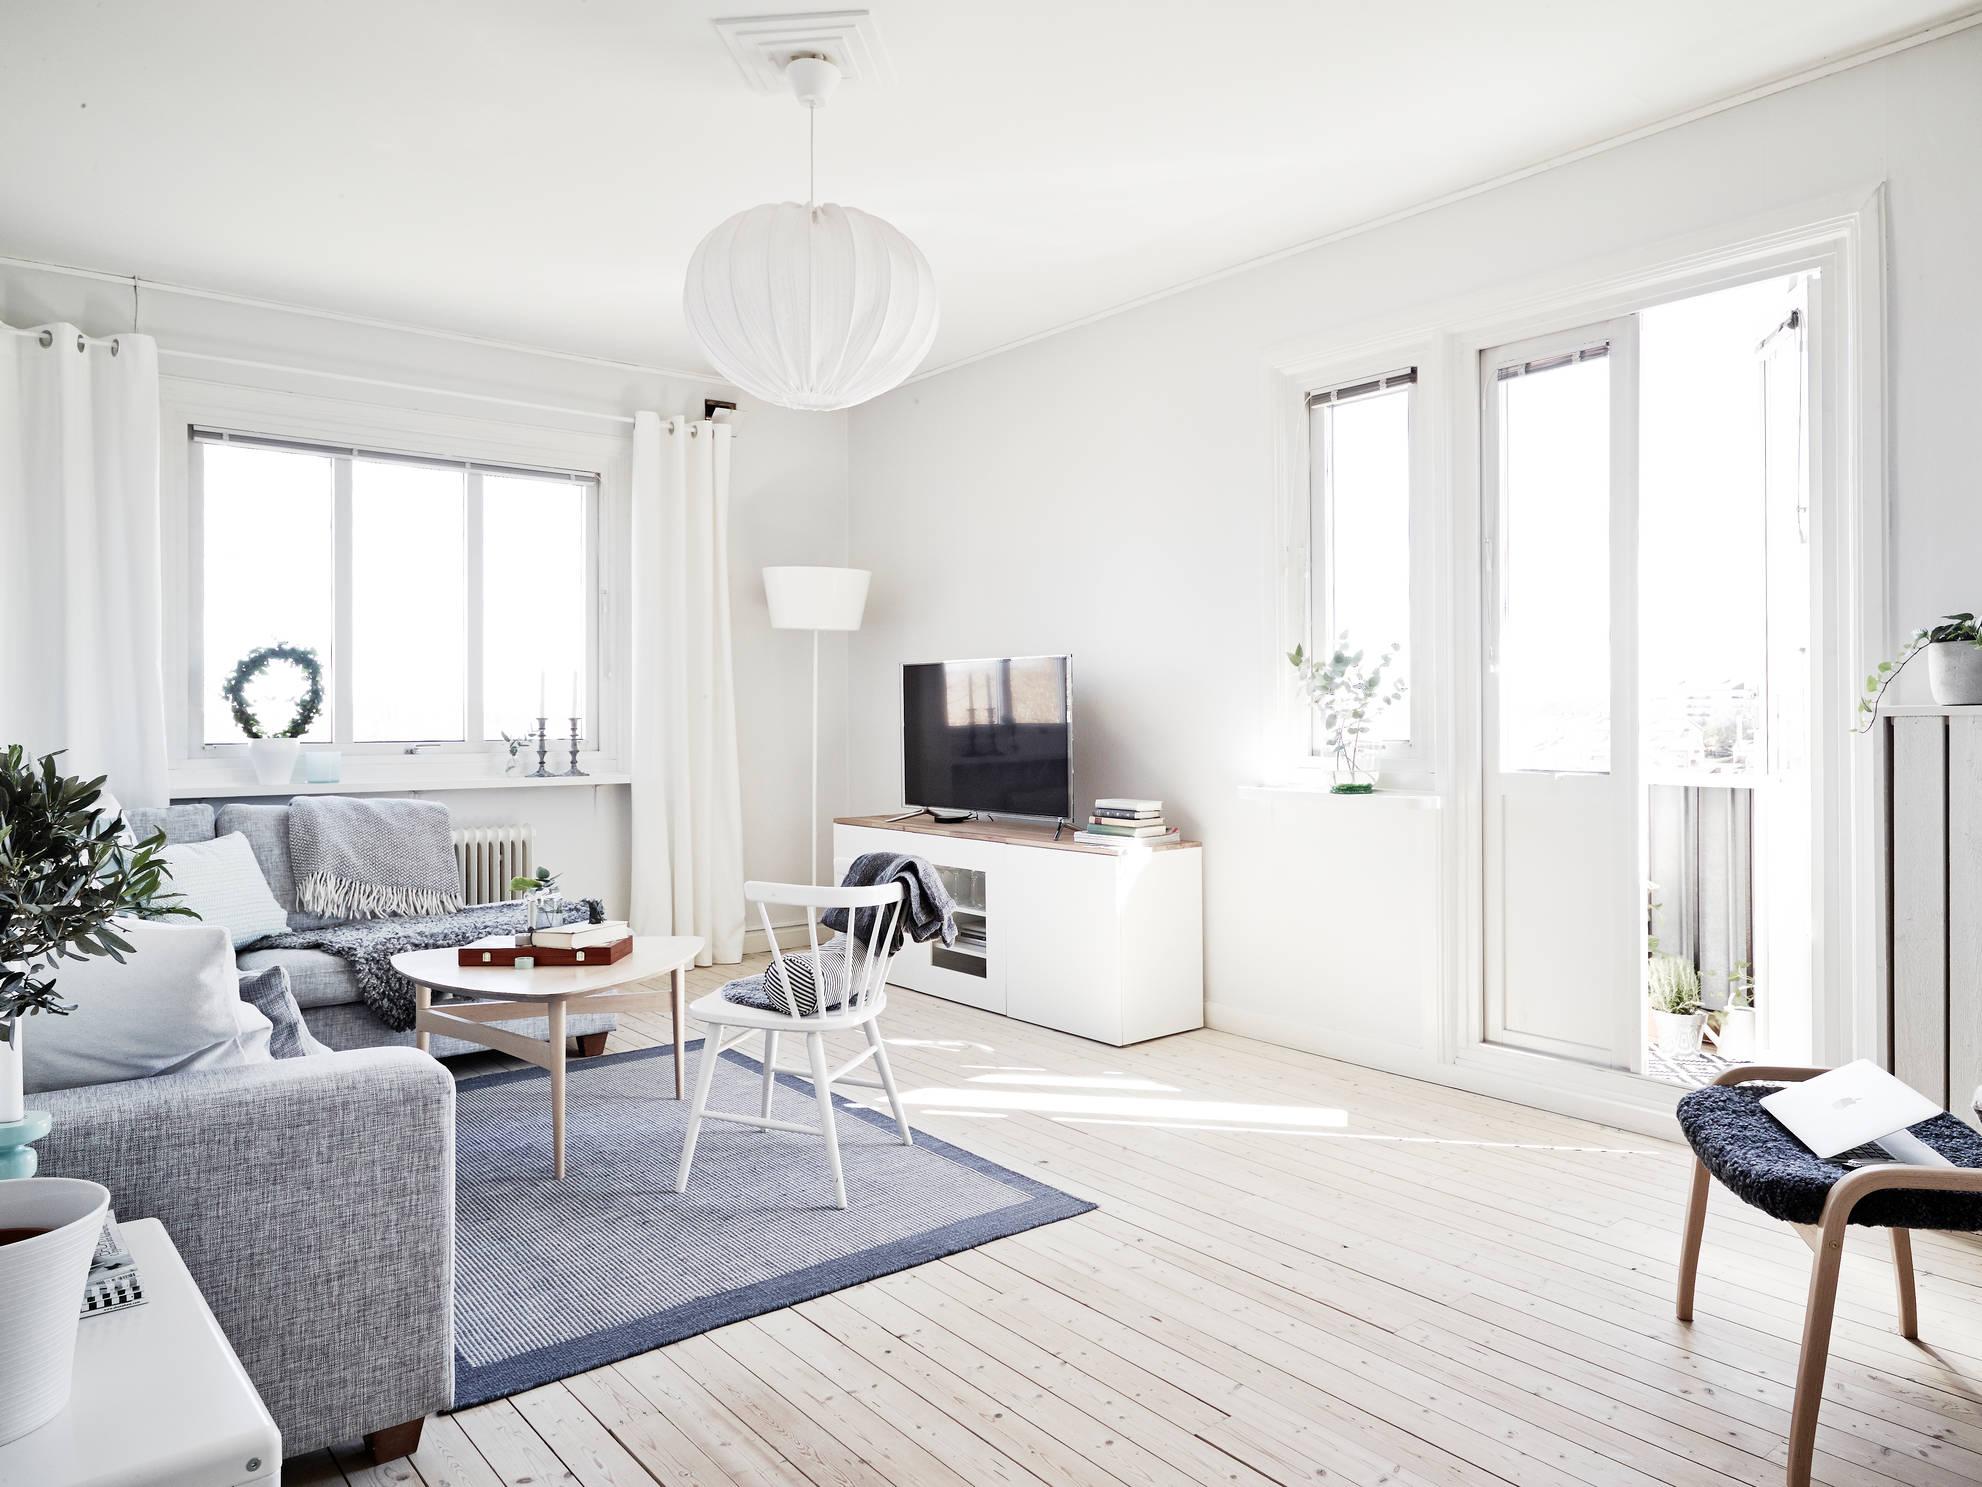 Un piso blanco y gris lleno de luz blog tienda for Pisos interiores